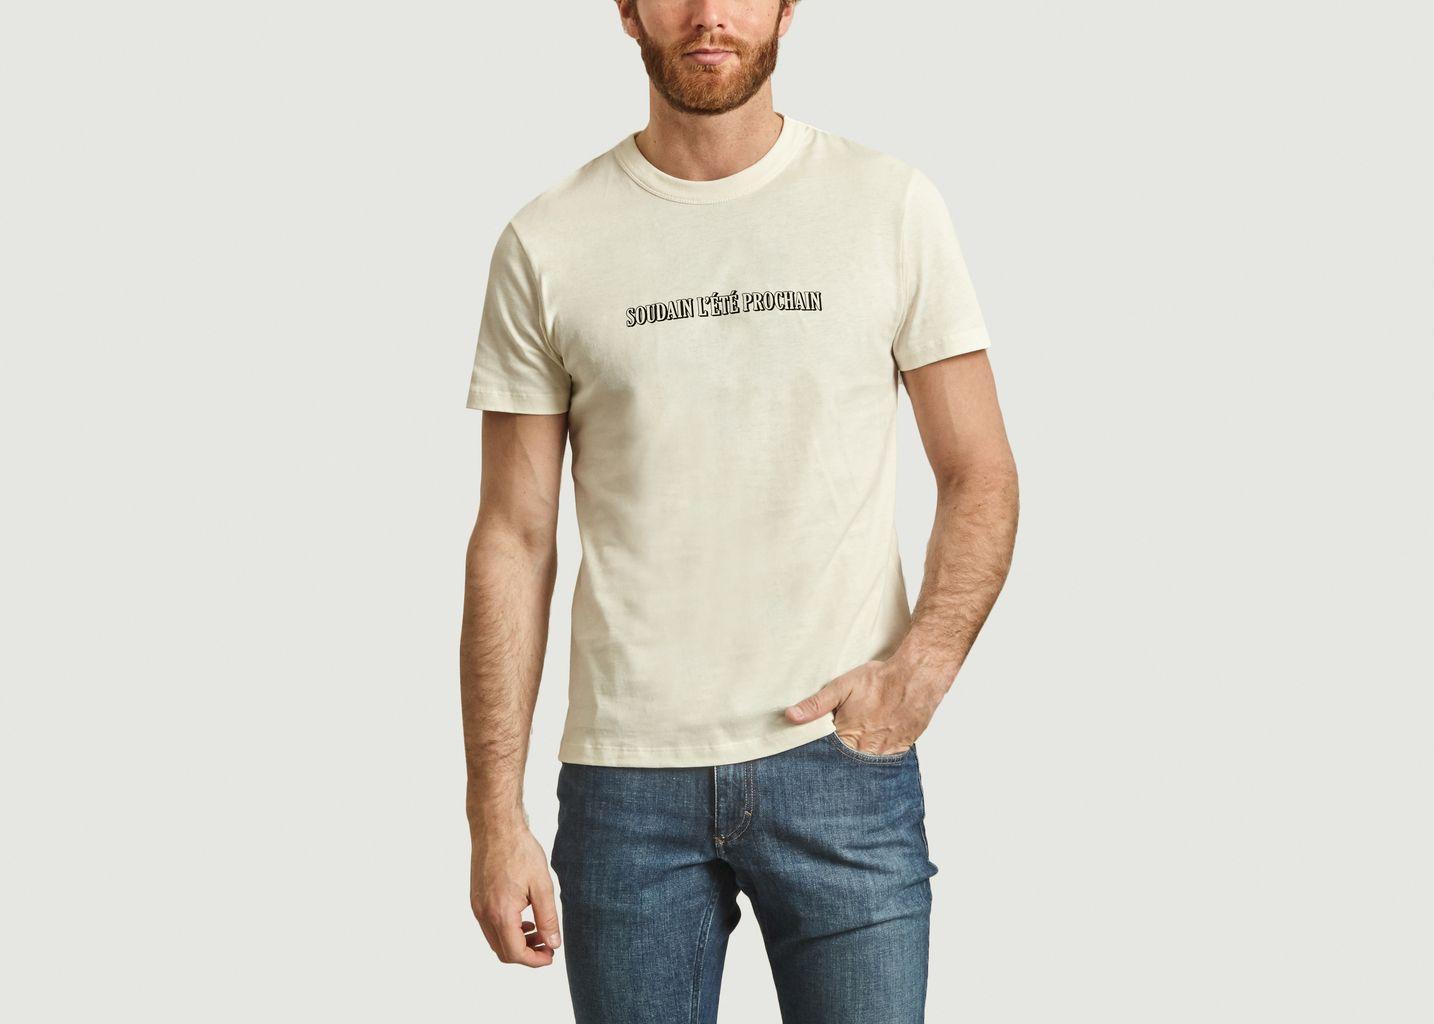 Tshirt en coton biologique soudain l'été prochain - AMI Alexandre Mattiussi